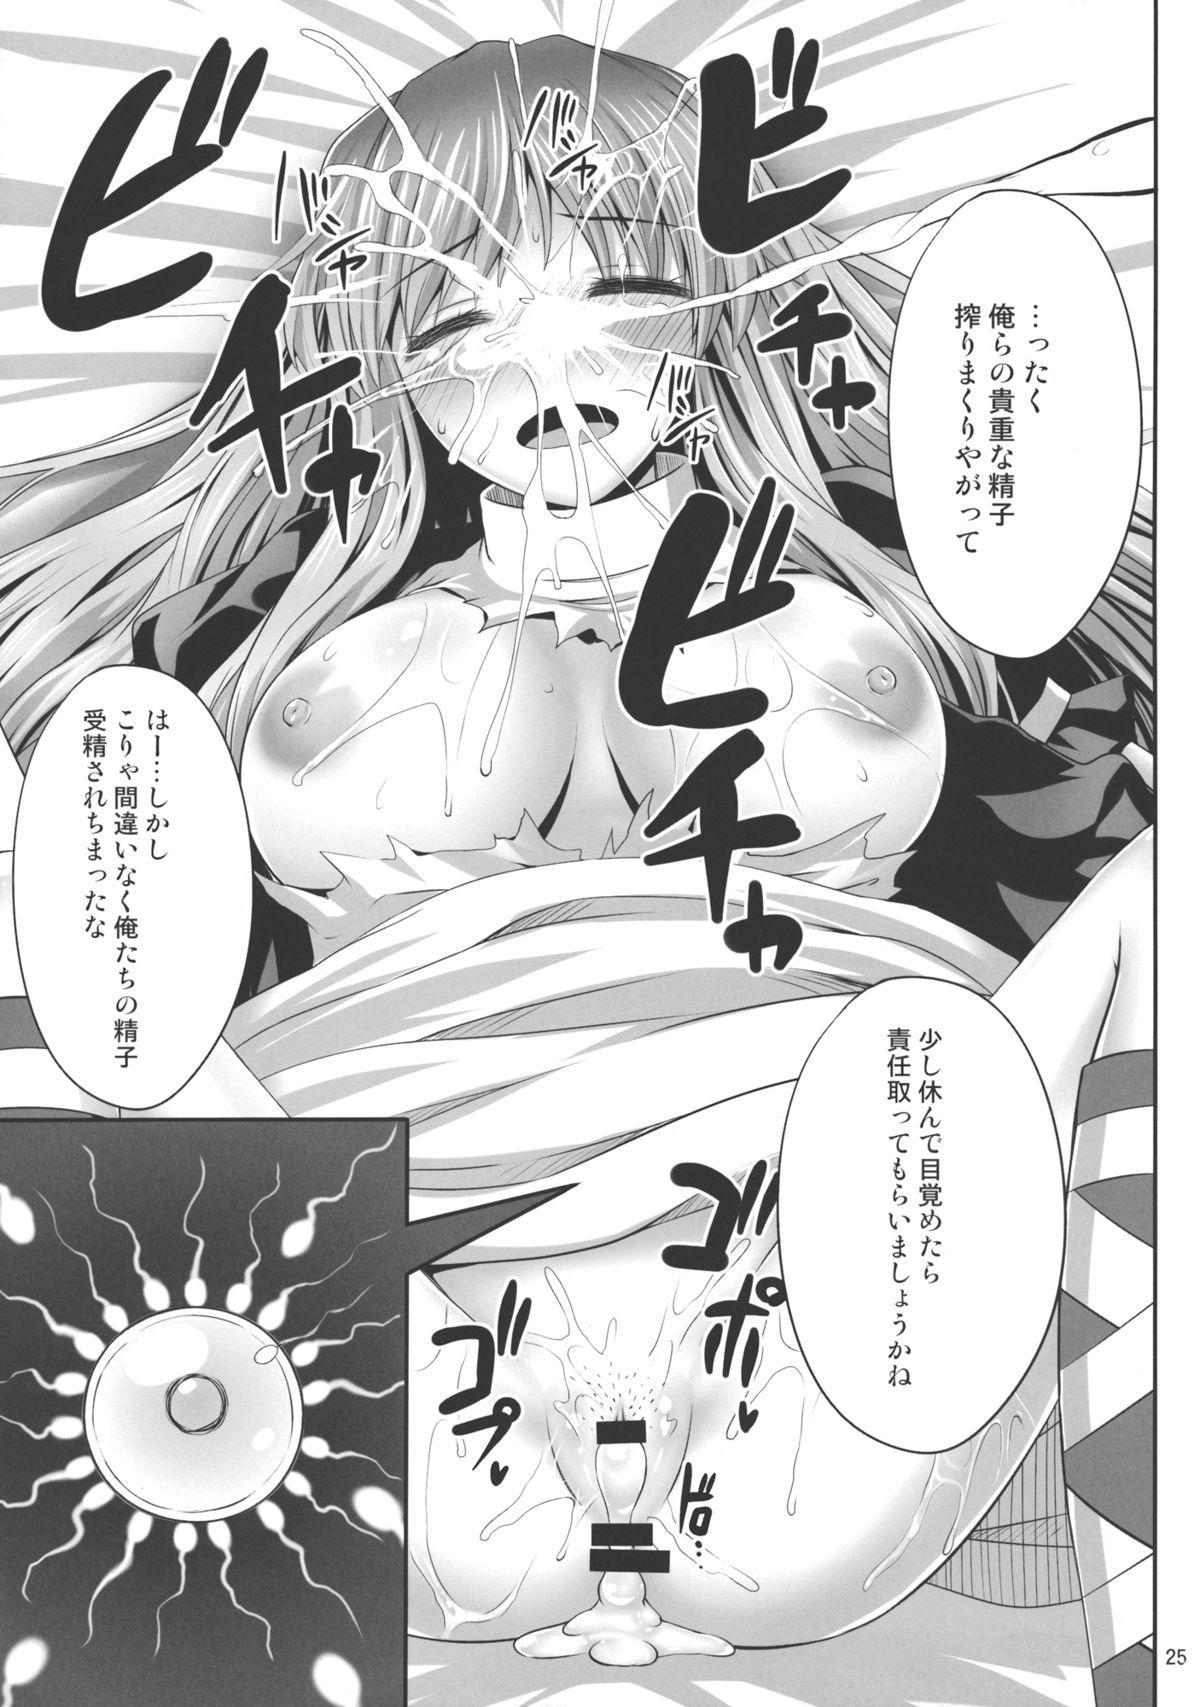 Haitoku Botsurin 23